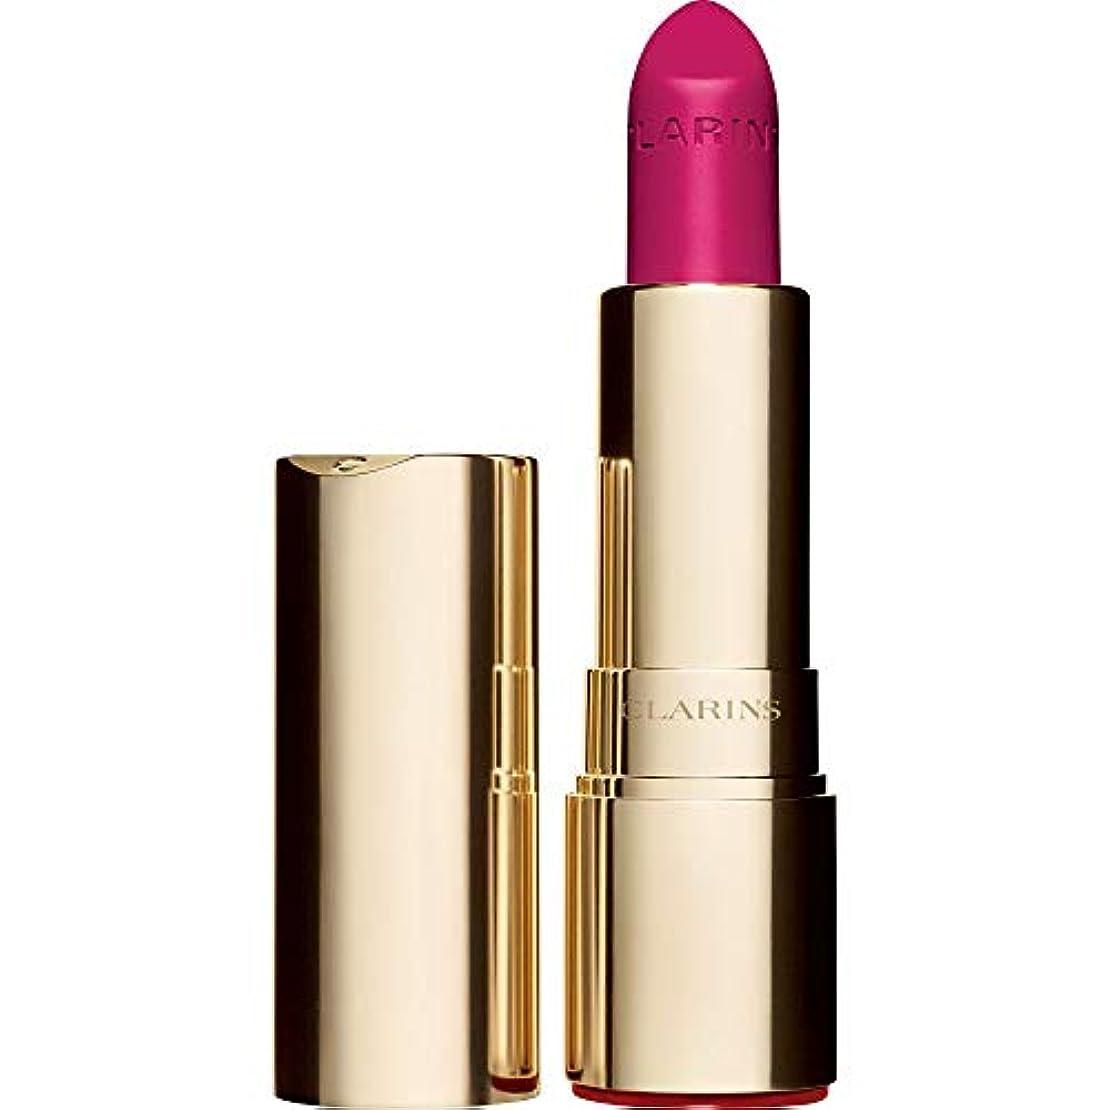 楽観的振りかけるクラウン[Clarins ] クラランスジョリルージュのベルベットの口紅3.5グラムの713V - ホットピンク - Clarins Joli Rouge Velvet Lipstick 3.5g 713V - Hot Pink...